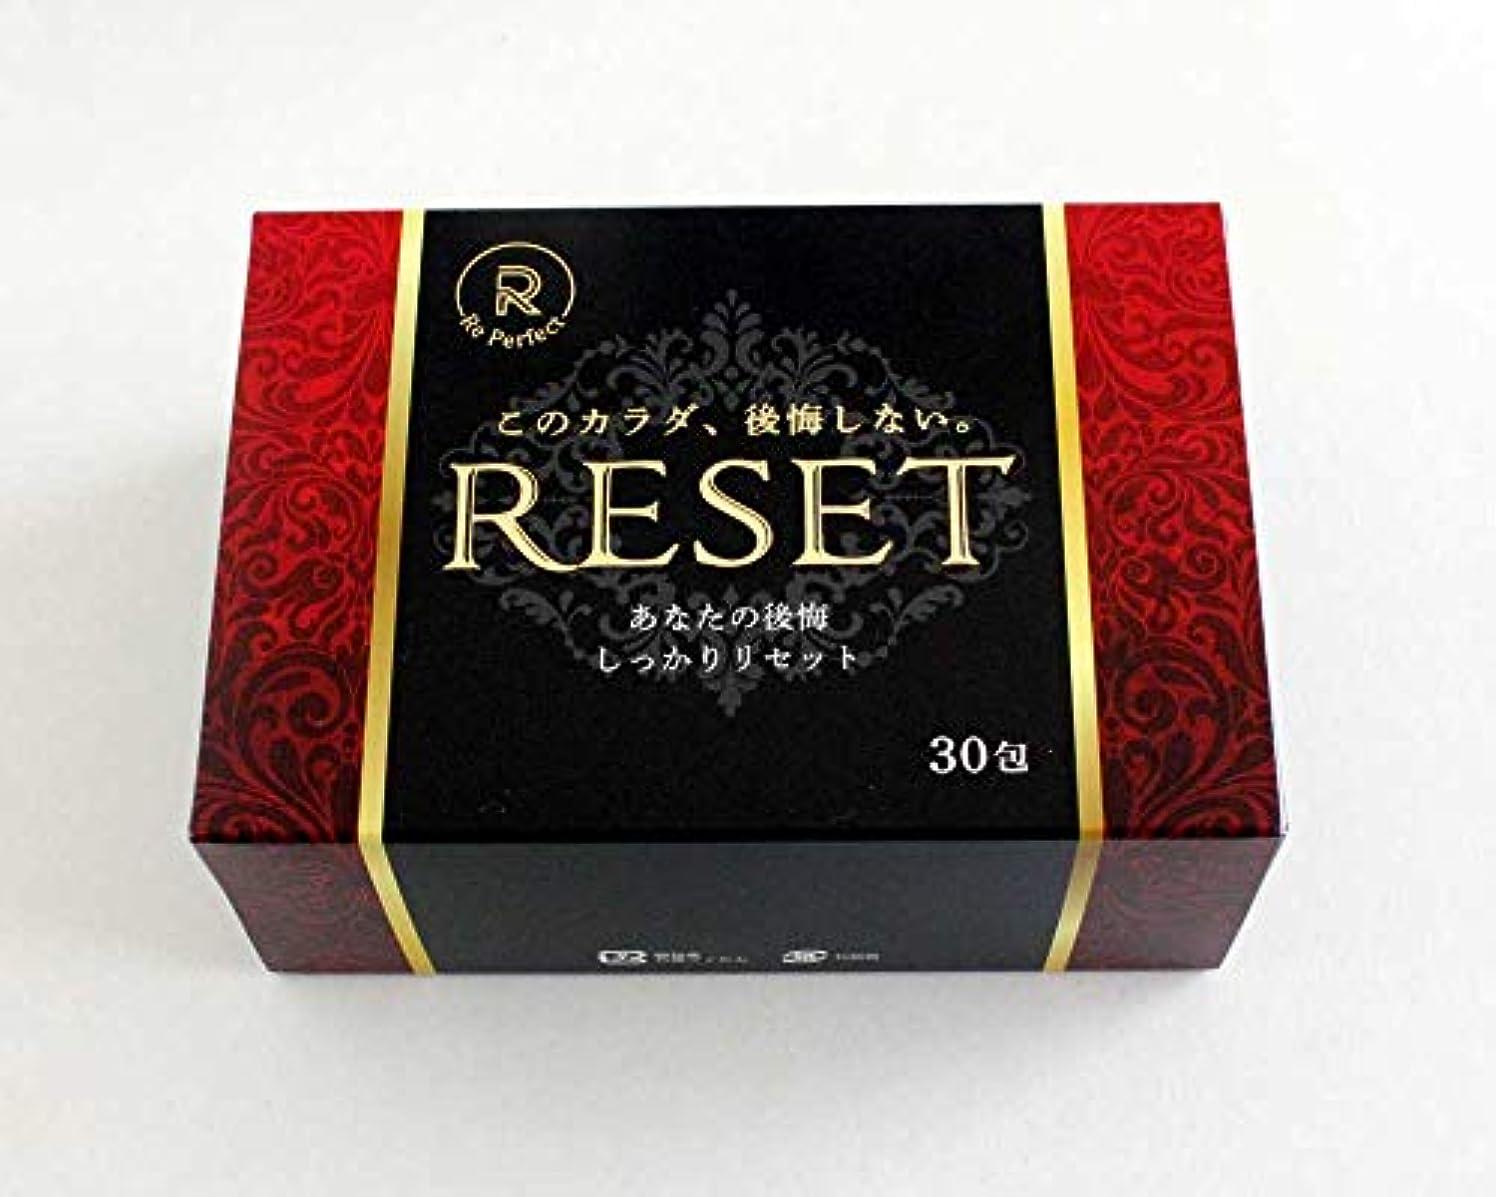 比類のない上下する手のひらRESET(リセット)食べ過ぎた食事&アルコールの代謝?分解をサポートサプリ